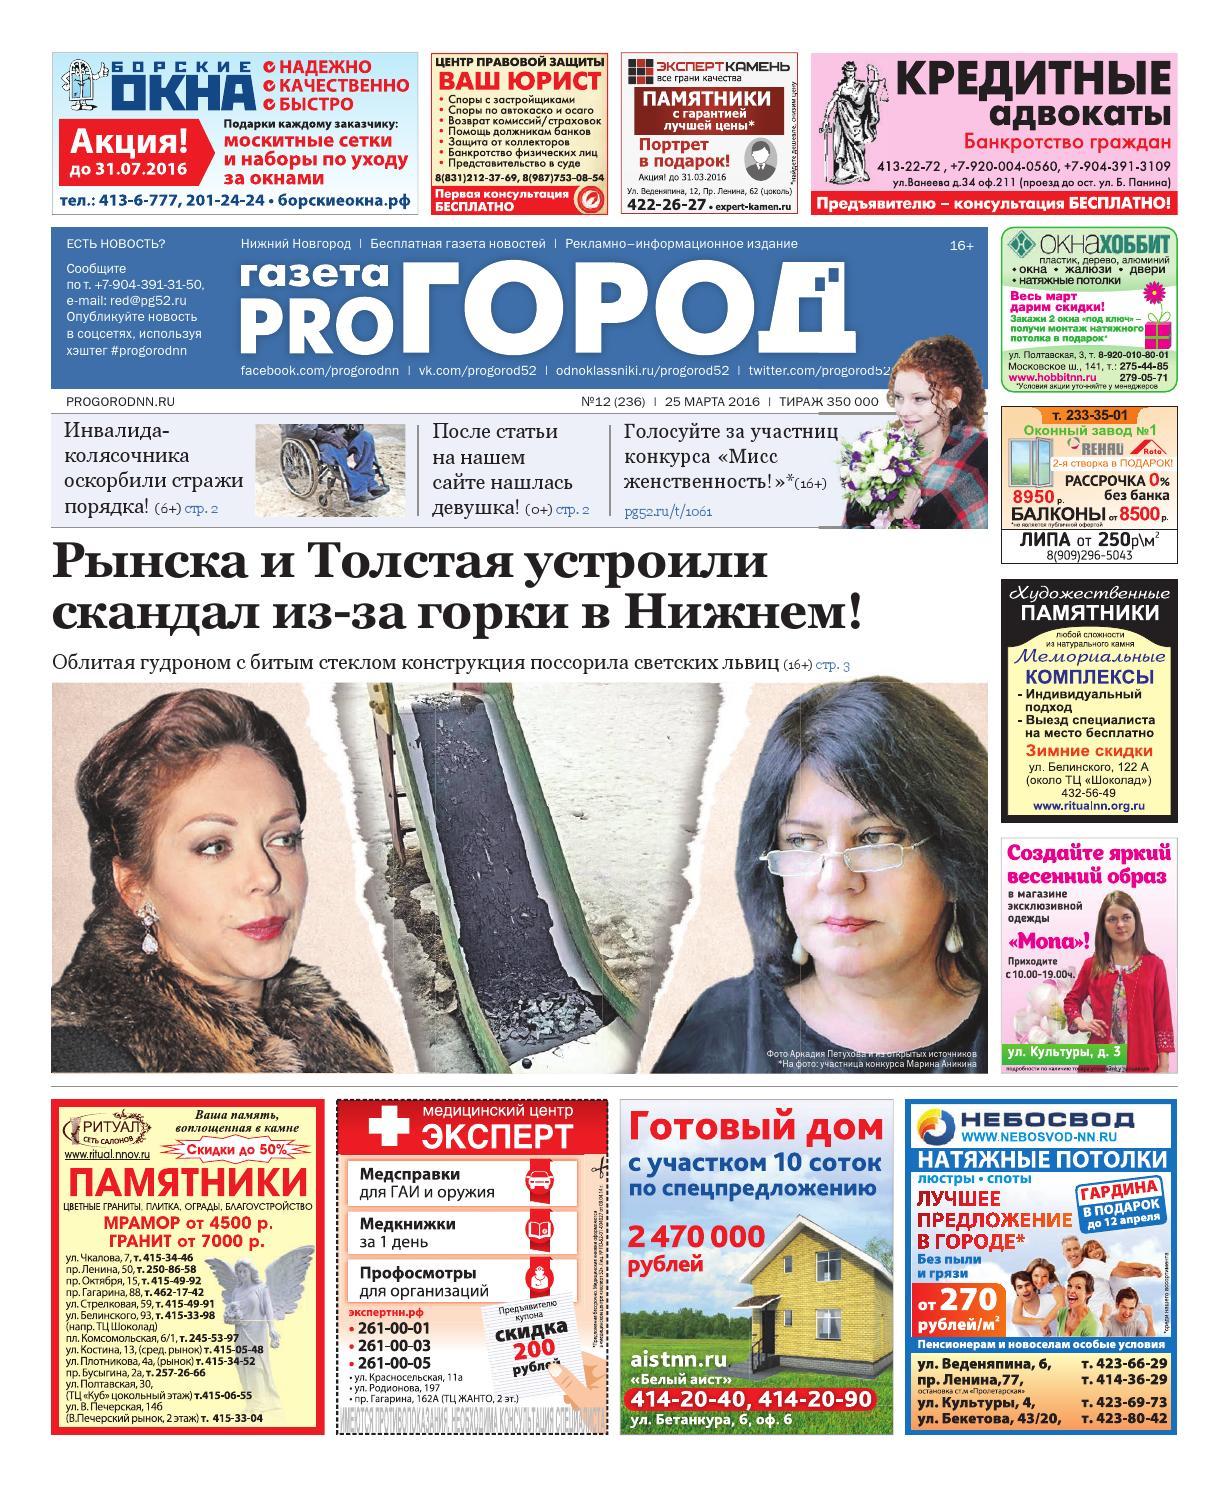 знакомствах газетах нижнего новгорода в о объявления